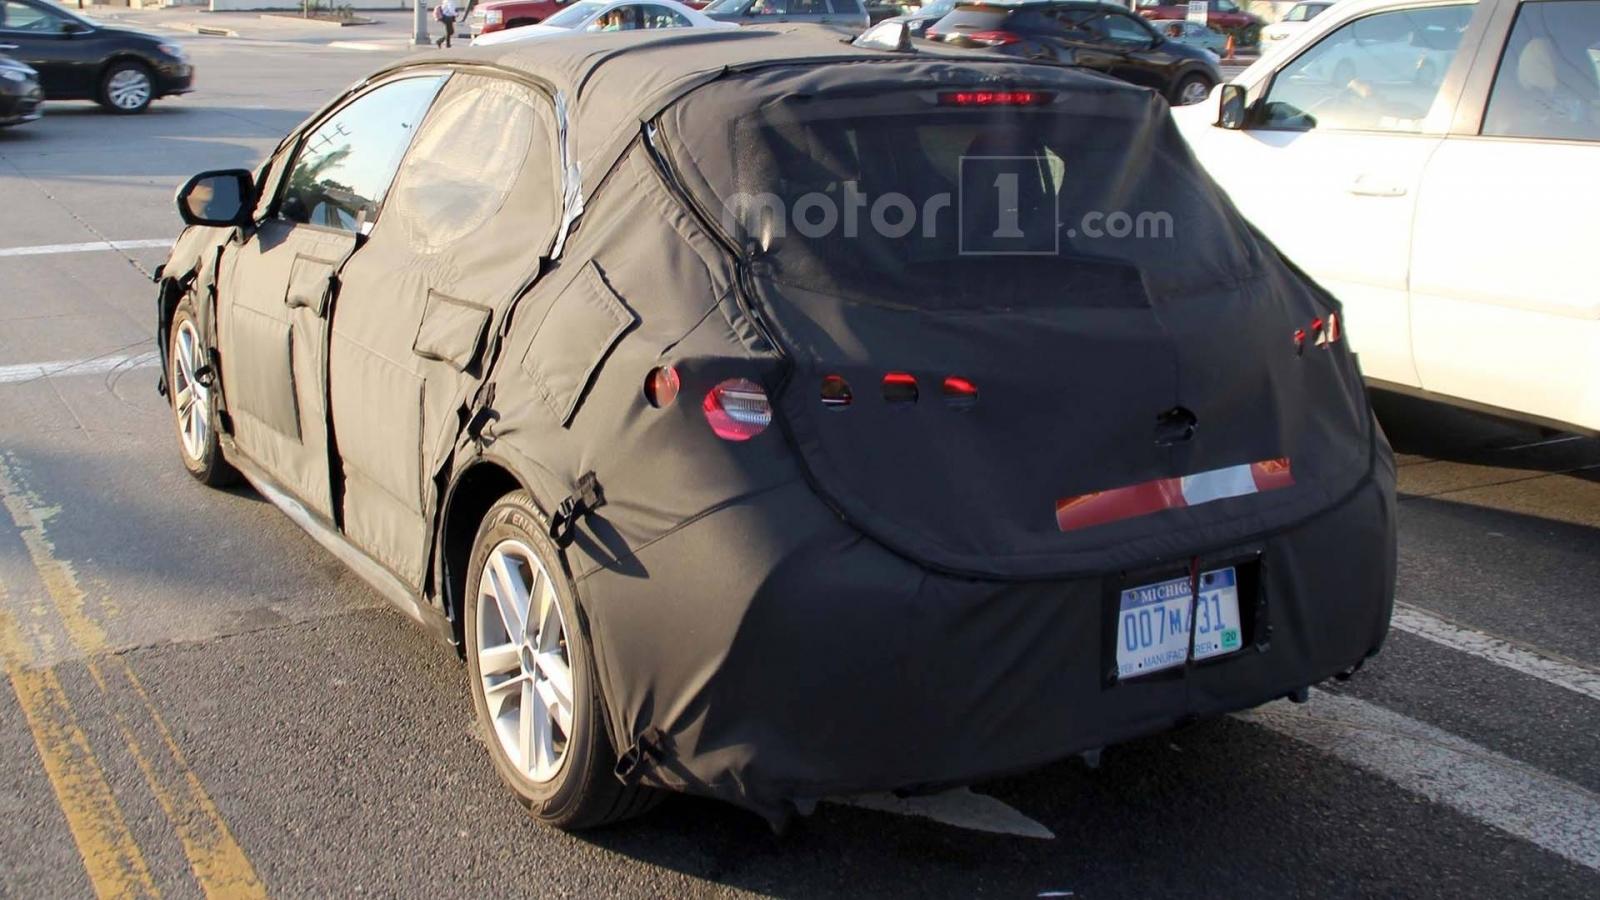 تویوتا آویرس - اجاره ماشین - اجاره خودرو - کرایه ماشین